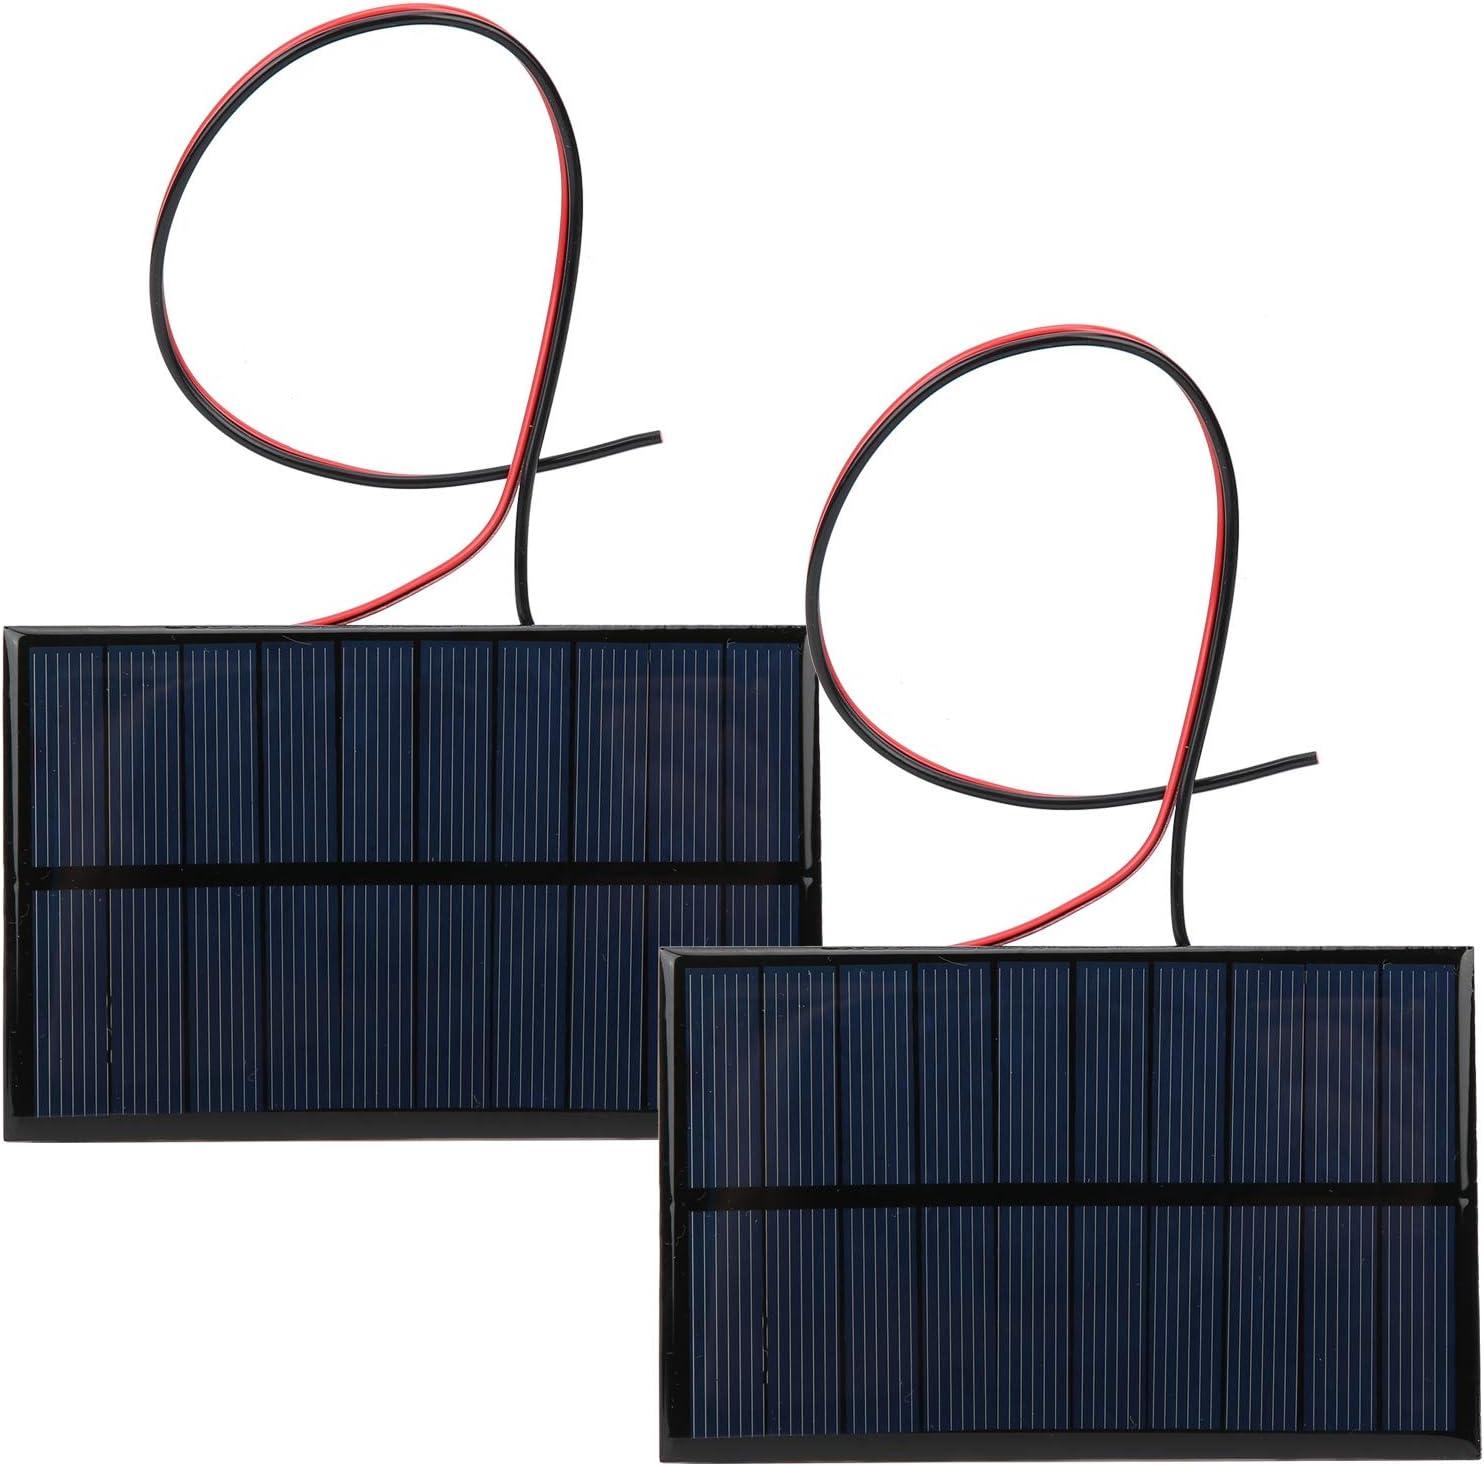 Yctze 2-teiliges Mini-Solarmodul DC 5V 250mA mit 30-cm-Kabel Hohe Umwandlungseffizienz Passend f/ür Solar-Taschenlampen